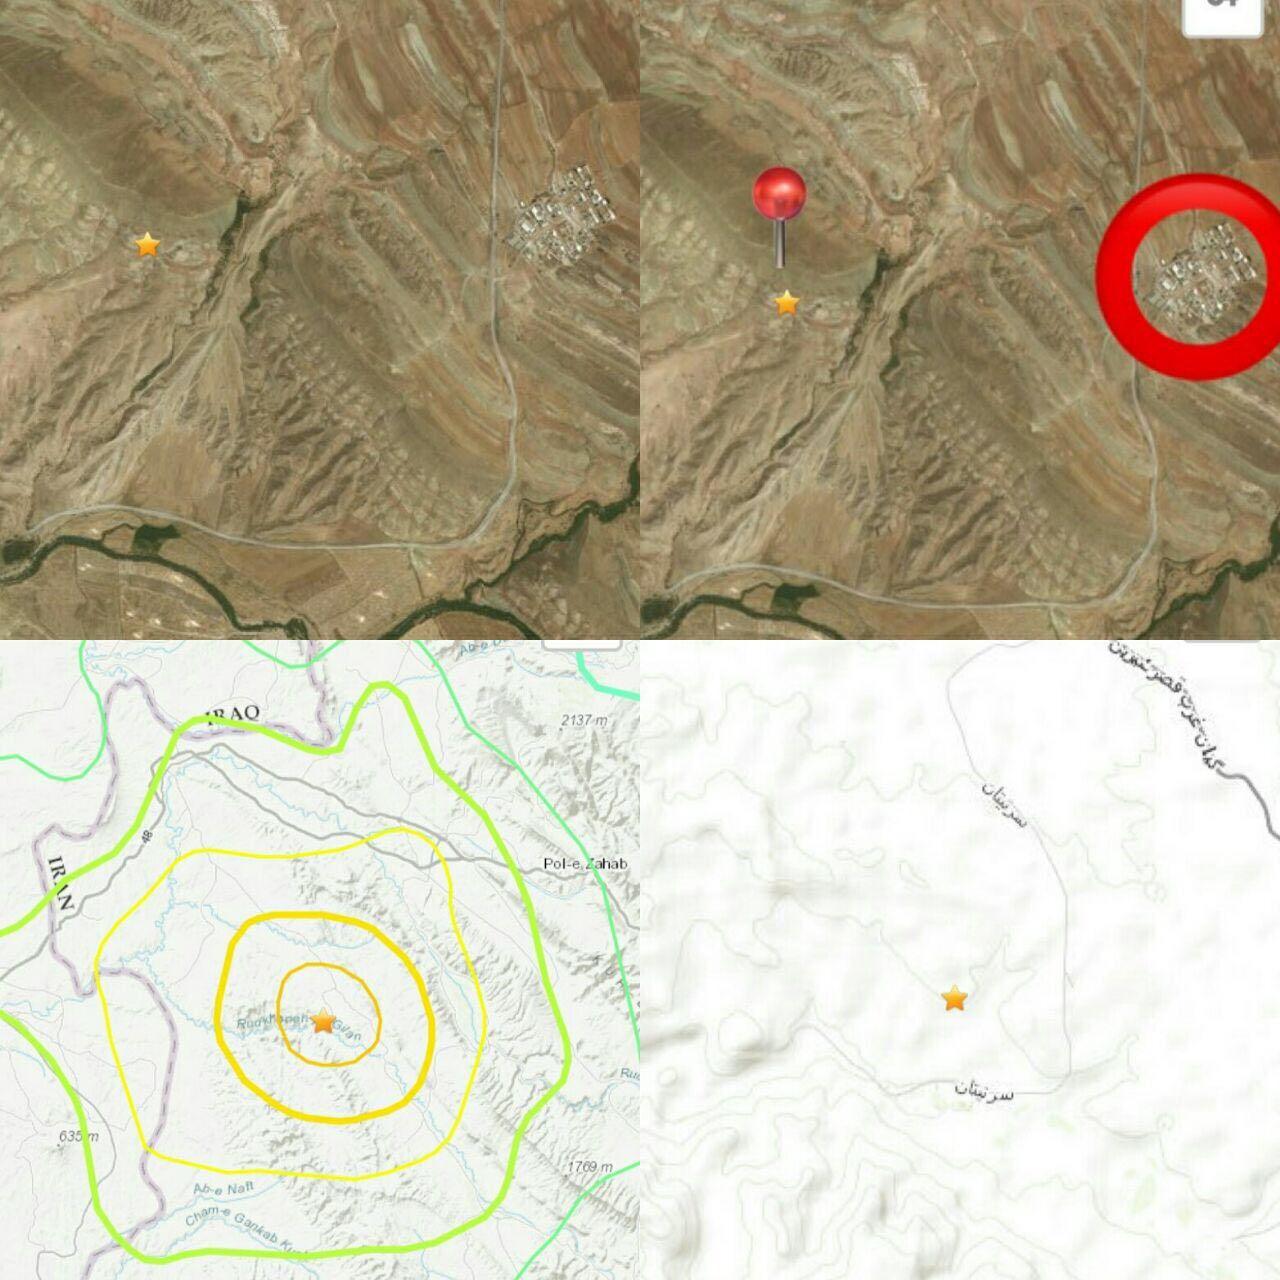 کانون زلزله امشب کرمانشاه به روایت مرکز زلزلهنگاری+تصویر - 1